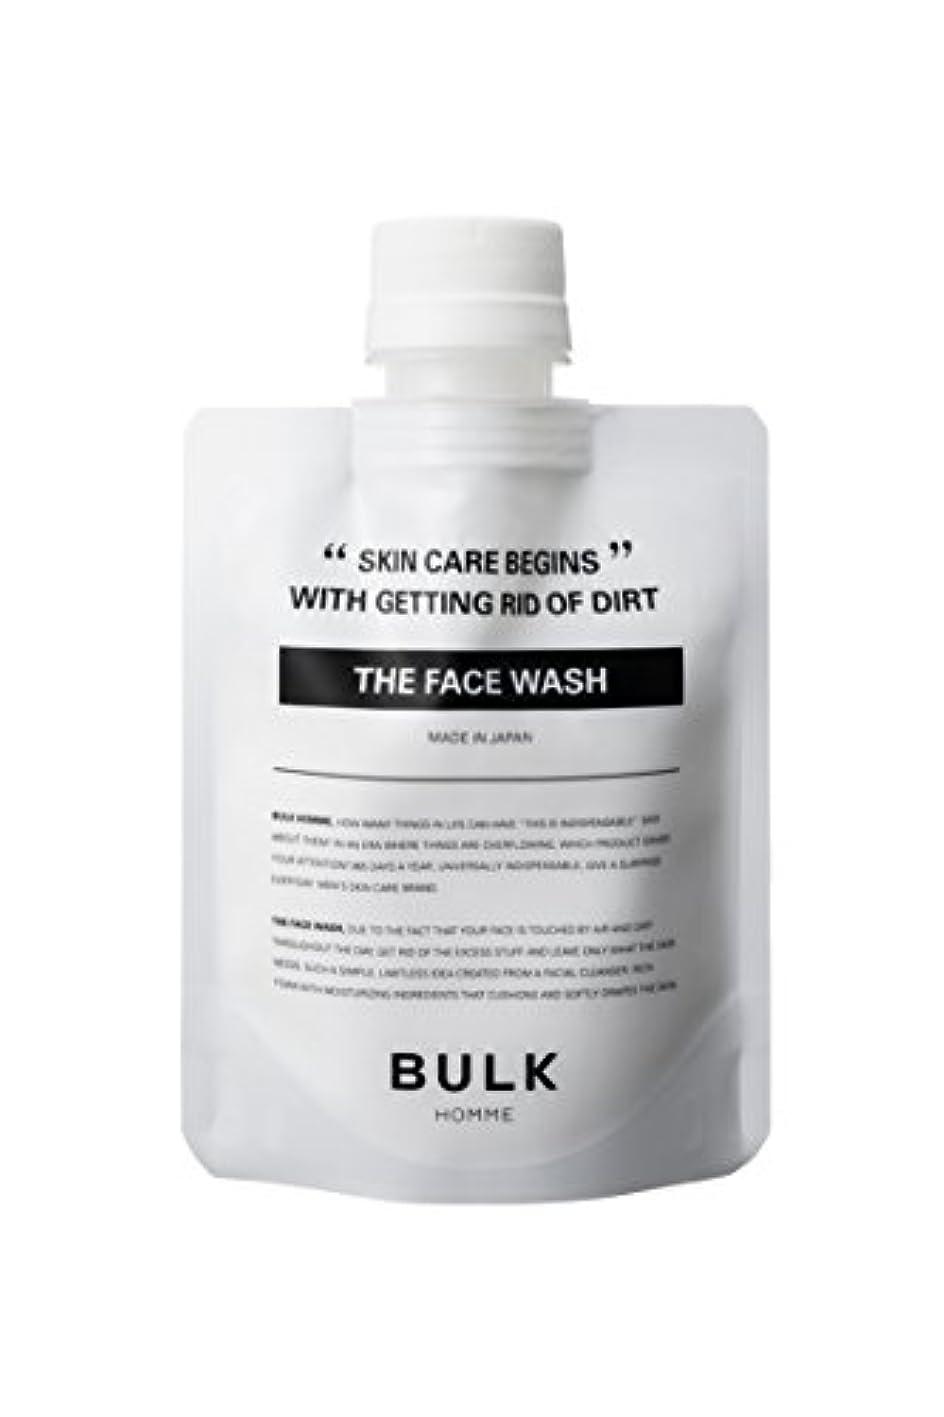 エピソード略語逆説BULK HOMME THE FACE WASH 洗顔料 100g